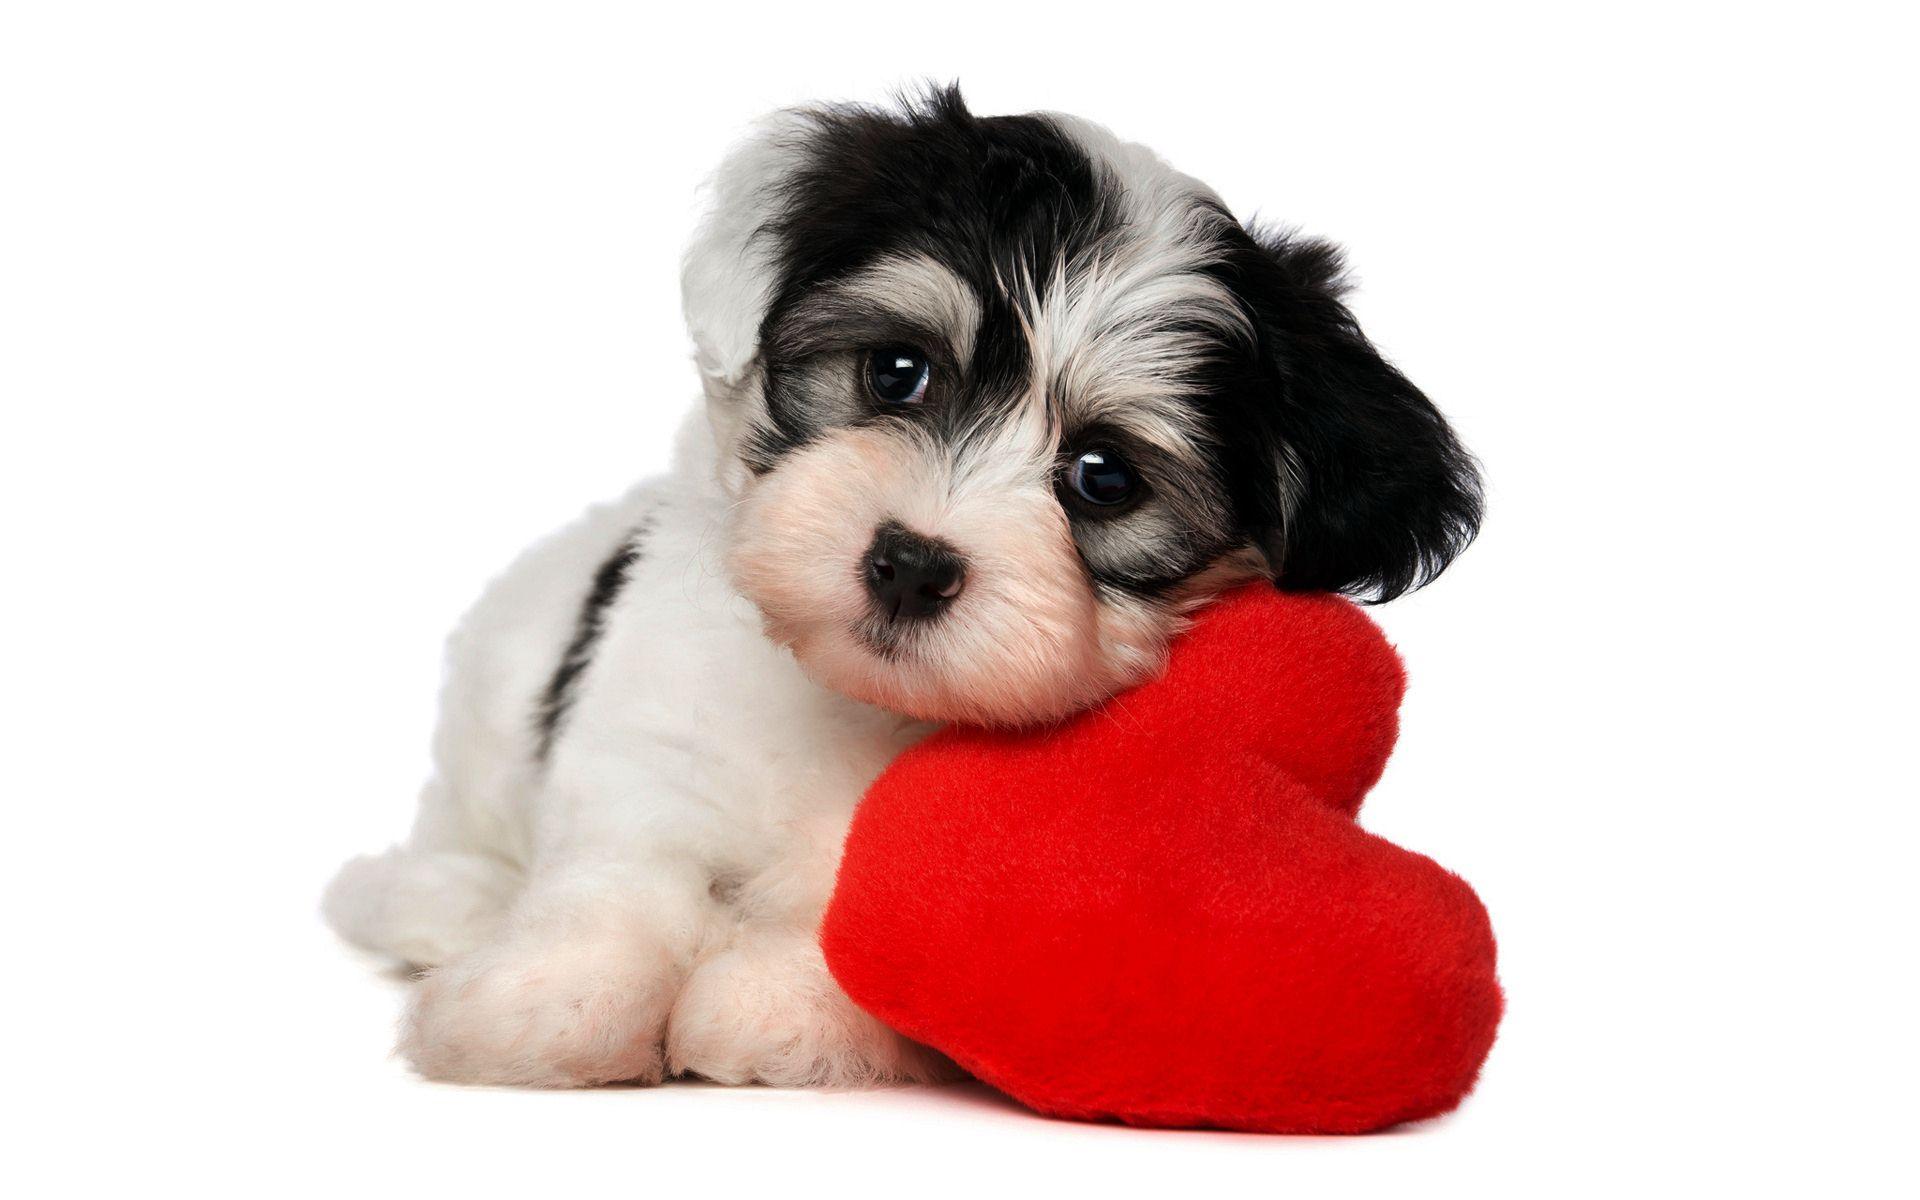 Dogilike.com :: ภาพ หัวใจ ของน้องหมาจากฟิล์มเอ็กซเรย์เป็นอย่างไรกันนะ